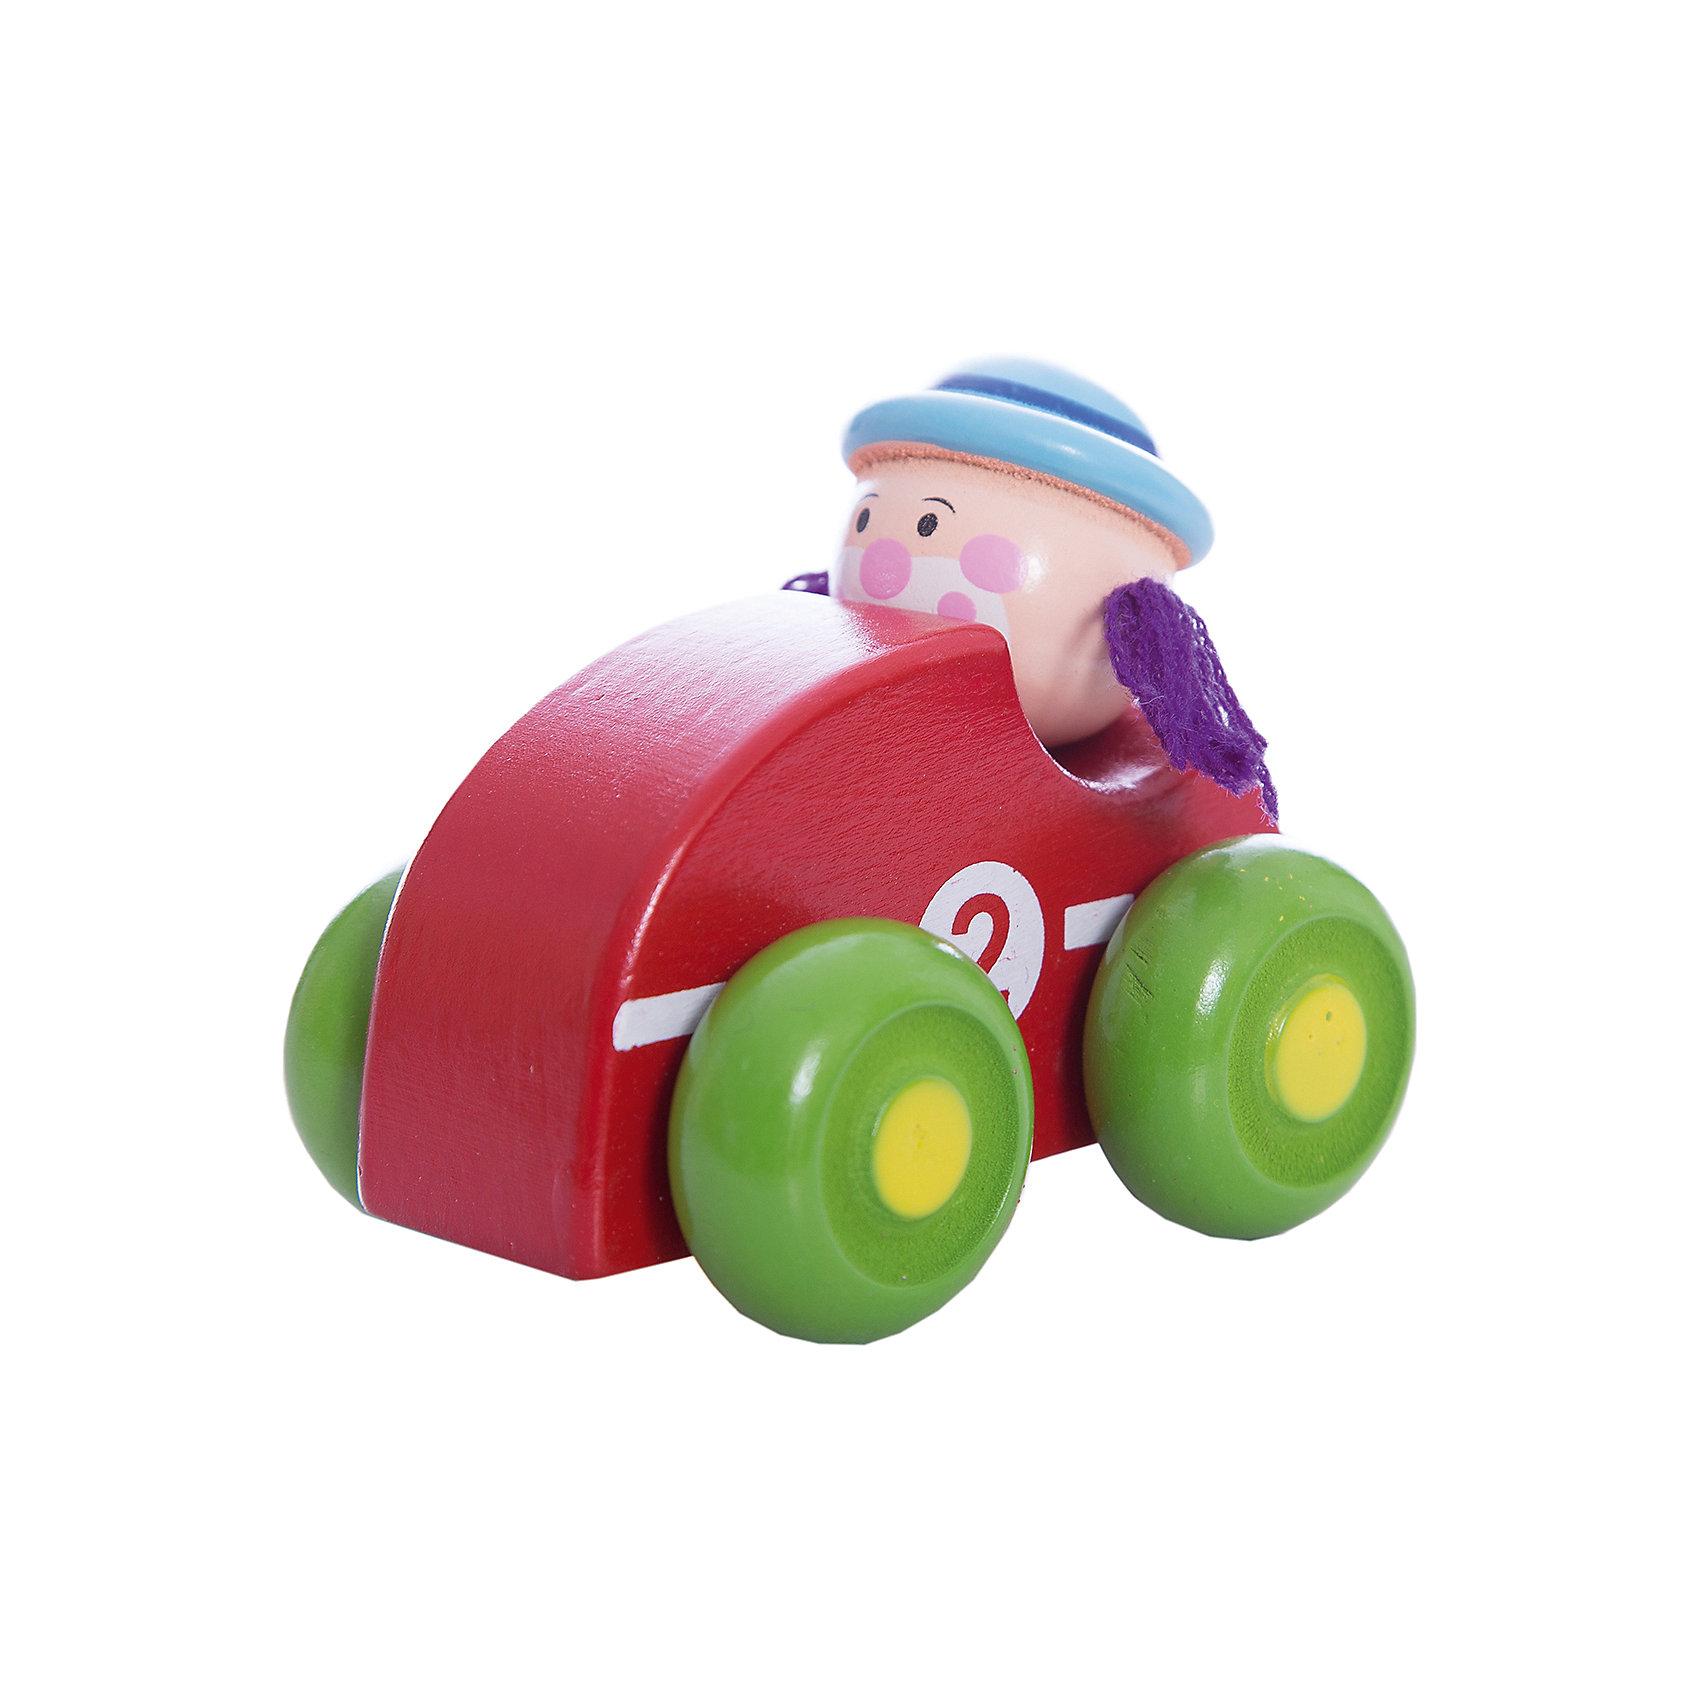 Машинка Клоун, красная, MapachaМашинки и транспорт для малышей<br>Компания Mapacha – абсолютный лидер по производству экологически чистых игрушек для детей ясельного возраста. Машинки – любимые игрушки всех маленьких мальчиков. Новая модель – яркая деревянная машинка с необычным водителем – веселым рыжим клоуном! Основной цвет игрушки – зеленый, колеса – сочного фиолетового цвета. Данная модель прослужит не один год и не потеряет своего первоначального вида. Материалы, использованные при изготовлении товара, абсолютно безопасны и отвечают всем международным требованиям по качеству.<br><br>Дополнительные характеристики:<br><br>материал: натуральное дерево, текстиль;<br>цвет: красный;<br>габариты: 16 X 6 X 15 см.<br><br>Машинку Клоун от компании Mapacha можно приобрести в нашем магазине.<br><br>Ширина мм: 430<br>Глубина мм: 325<br>Высота мм: 410<br>Вес г: 125<br>Возраст от месяцев: 36<br>Возраст до месяцев: 72<br>Пол: Унисекс<br>Возраст: Детский<br>SKU: 5032499